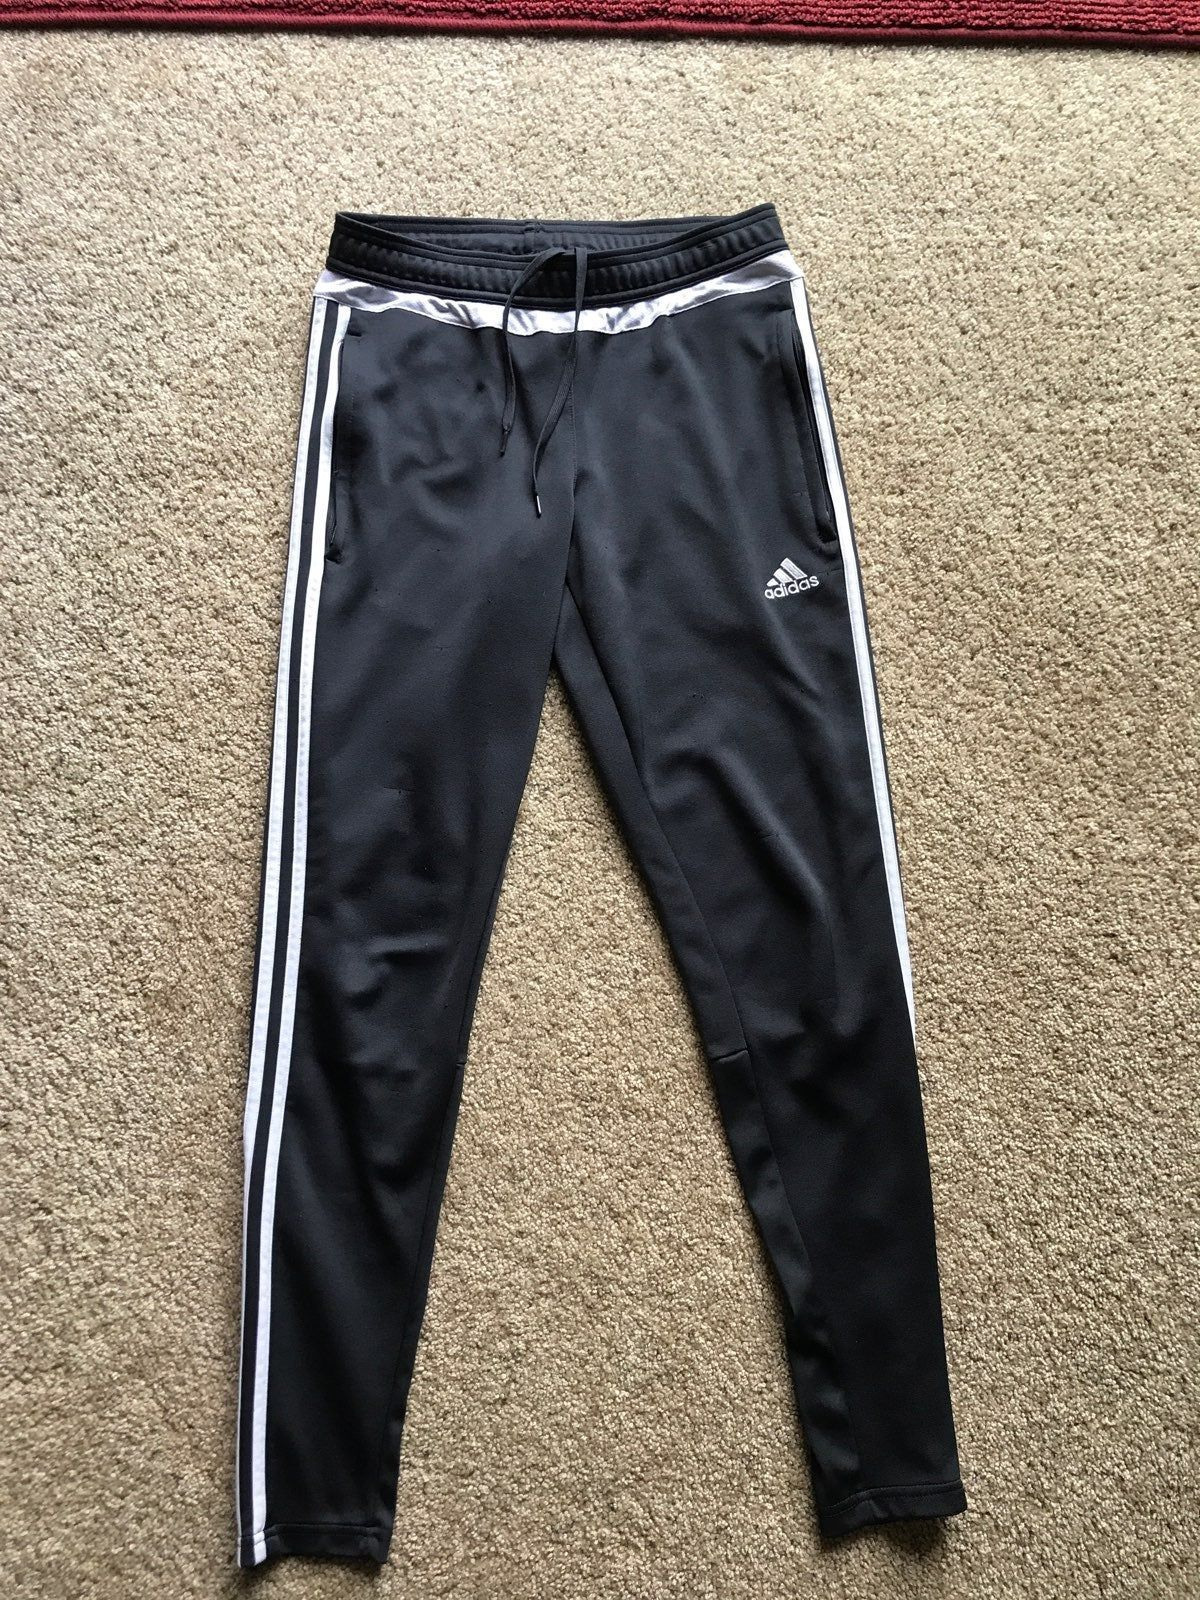 adidas soccer pants full stripe